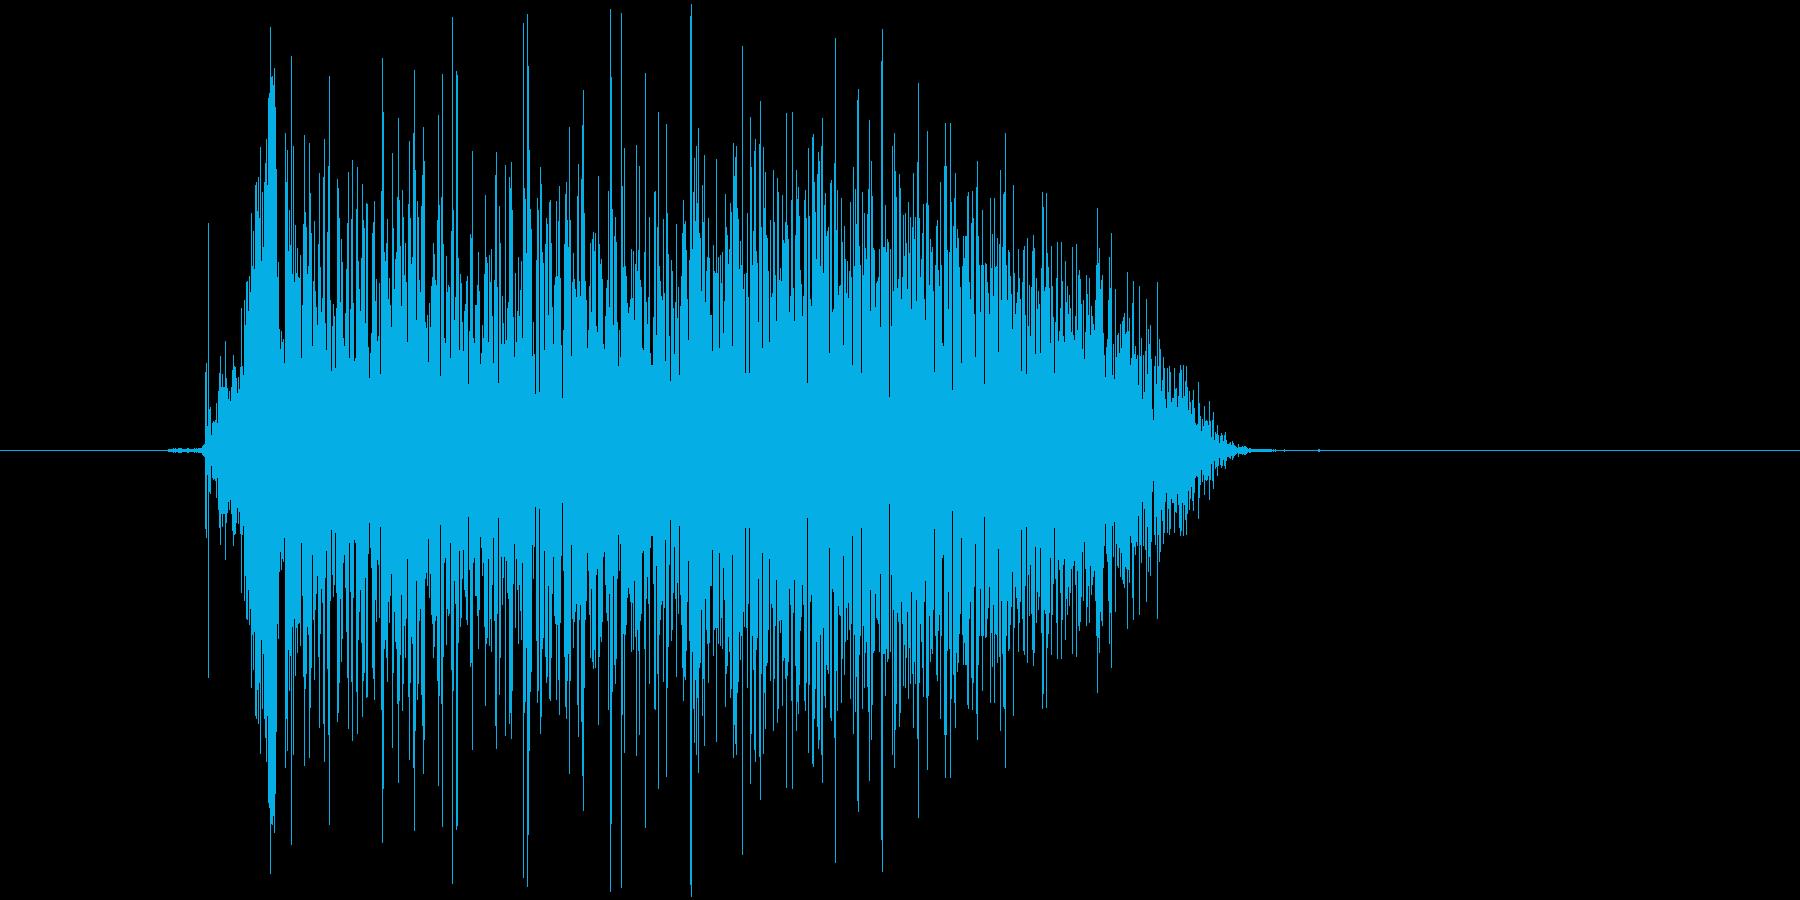 「ギャー」の再生済みの波形